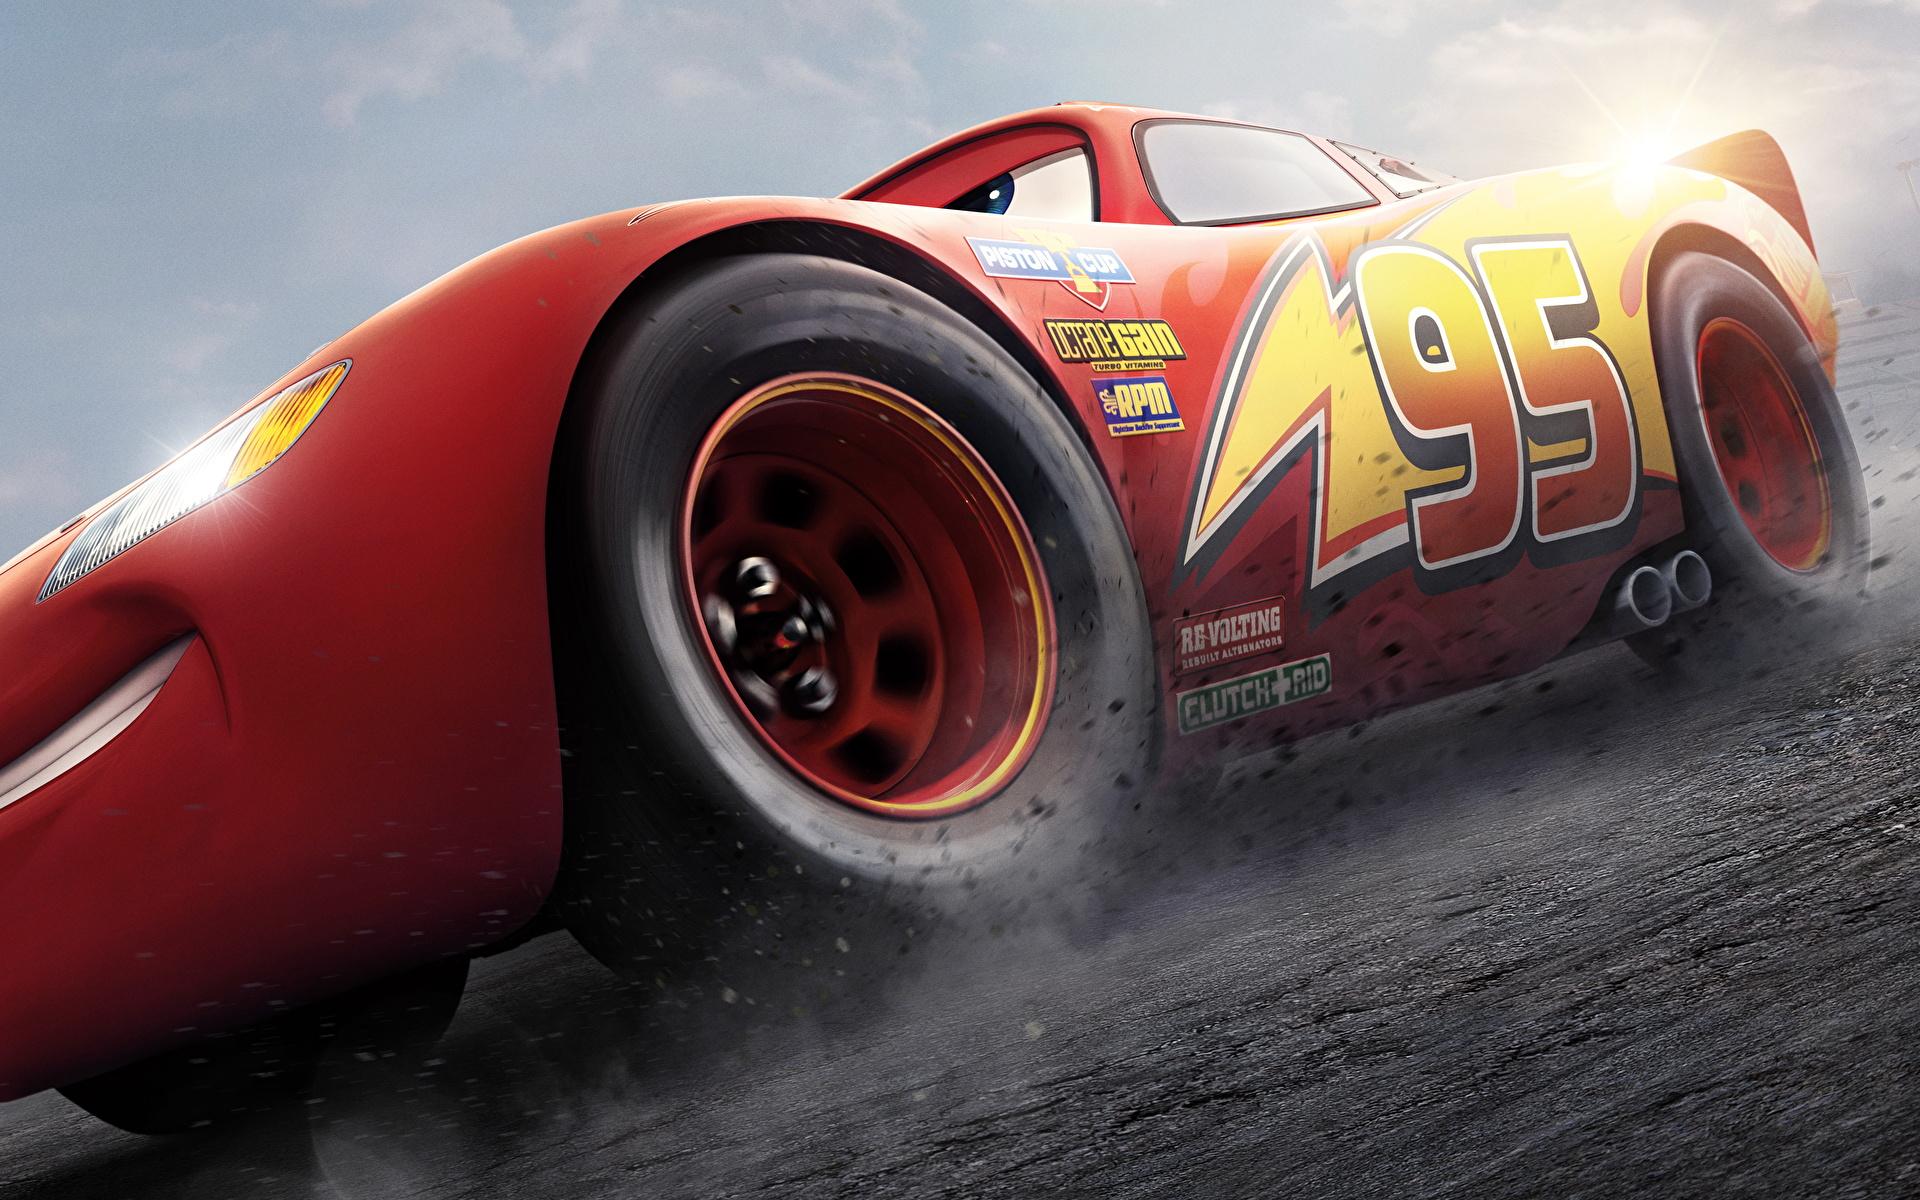 Bilder von Cars 3 Lightning McQueen Rot Animationsfilm 1920x1200 Zeichentrickfilm